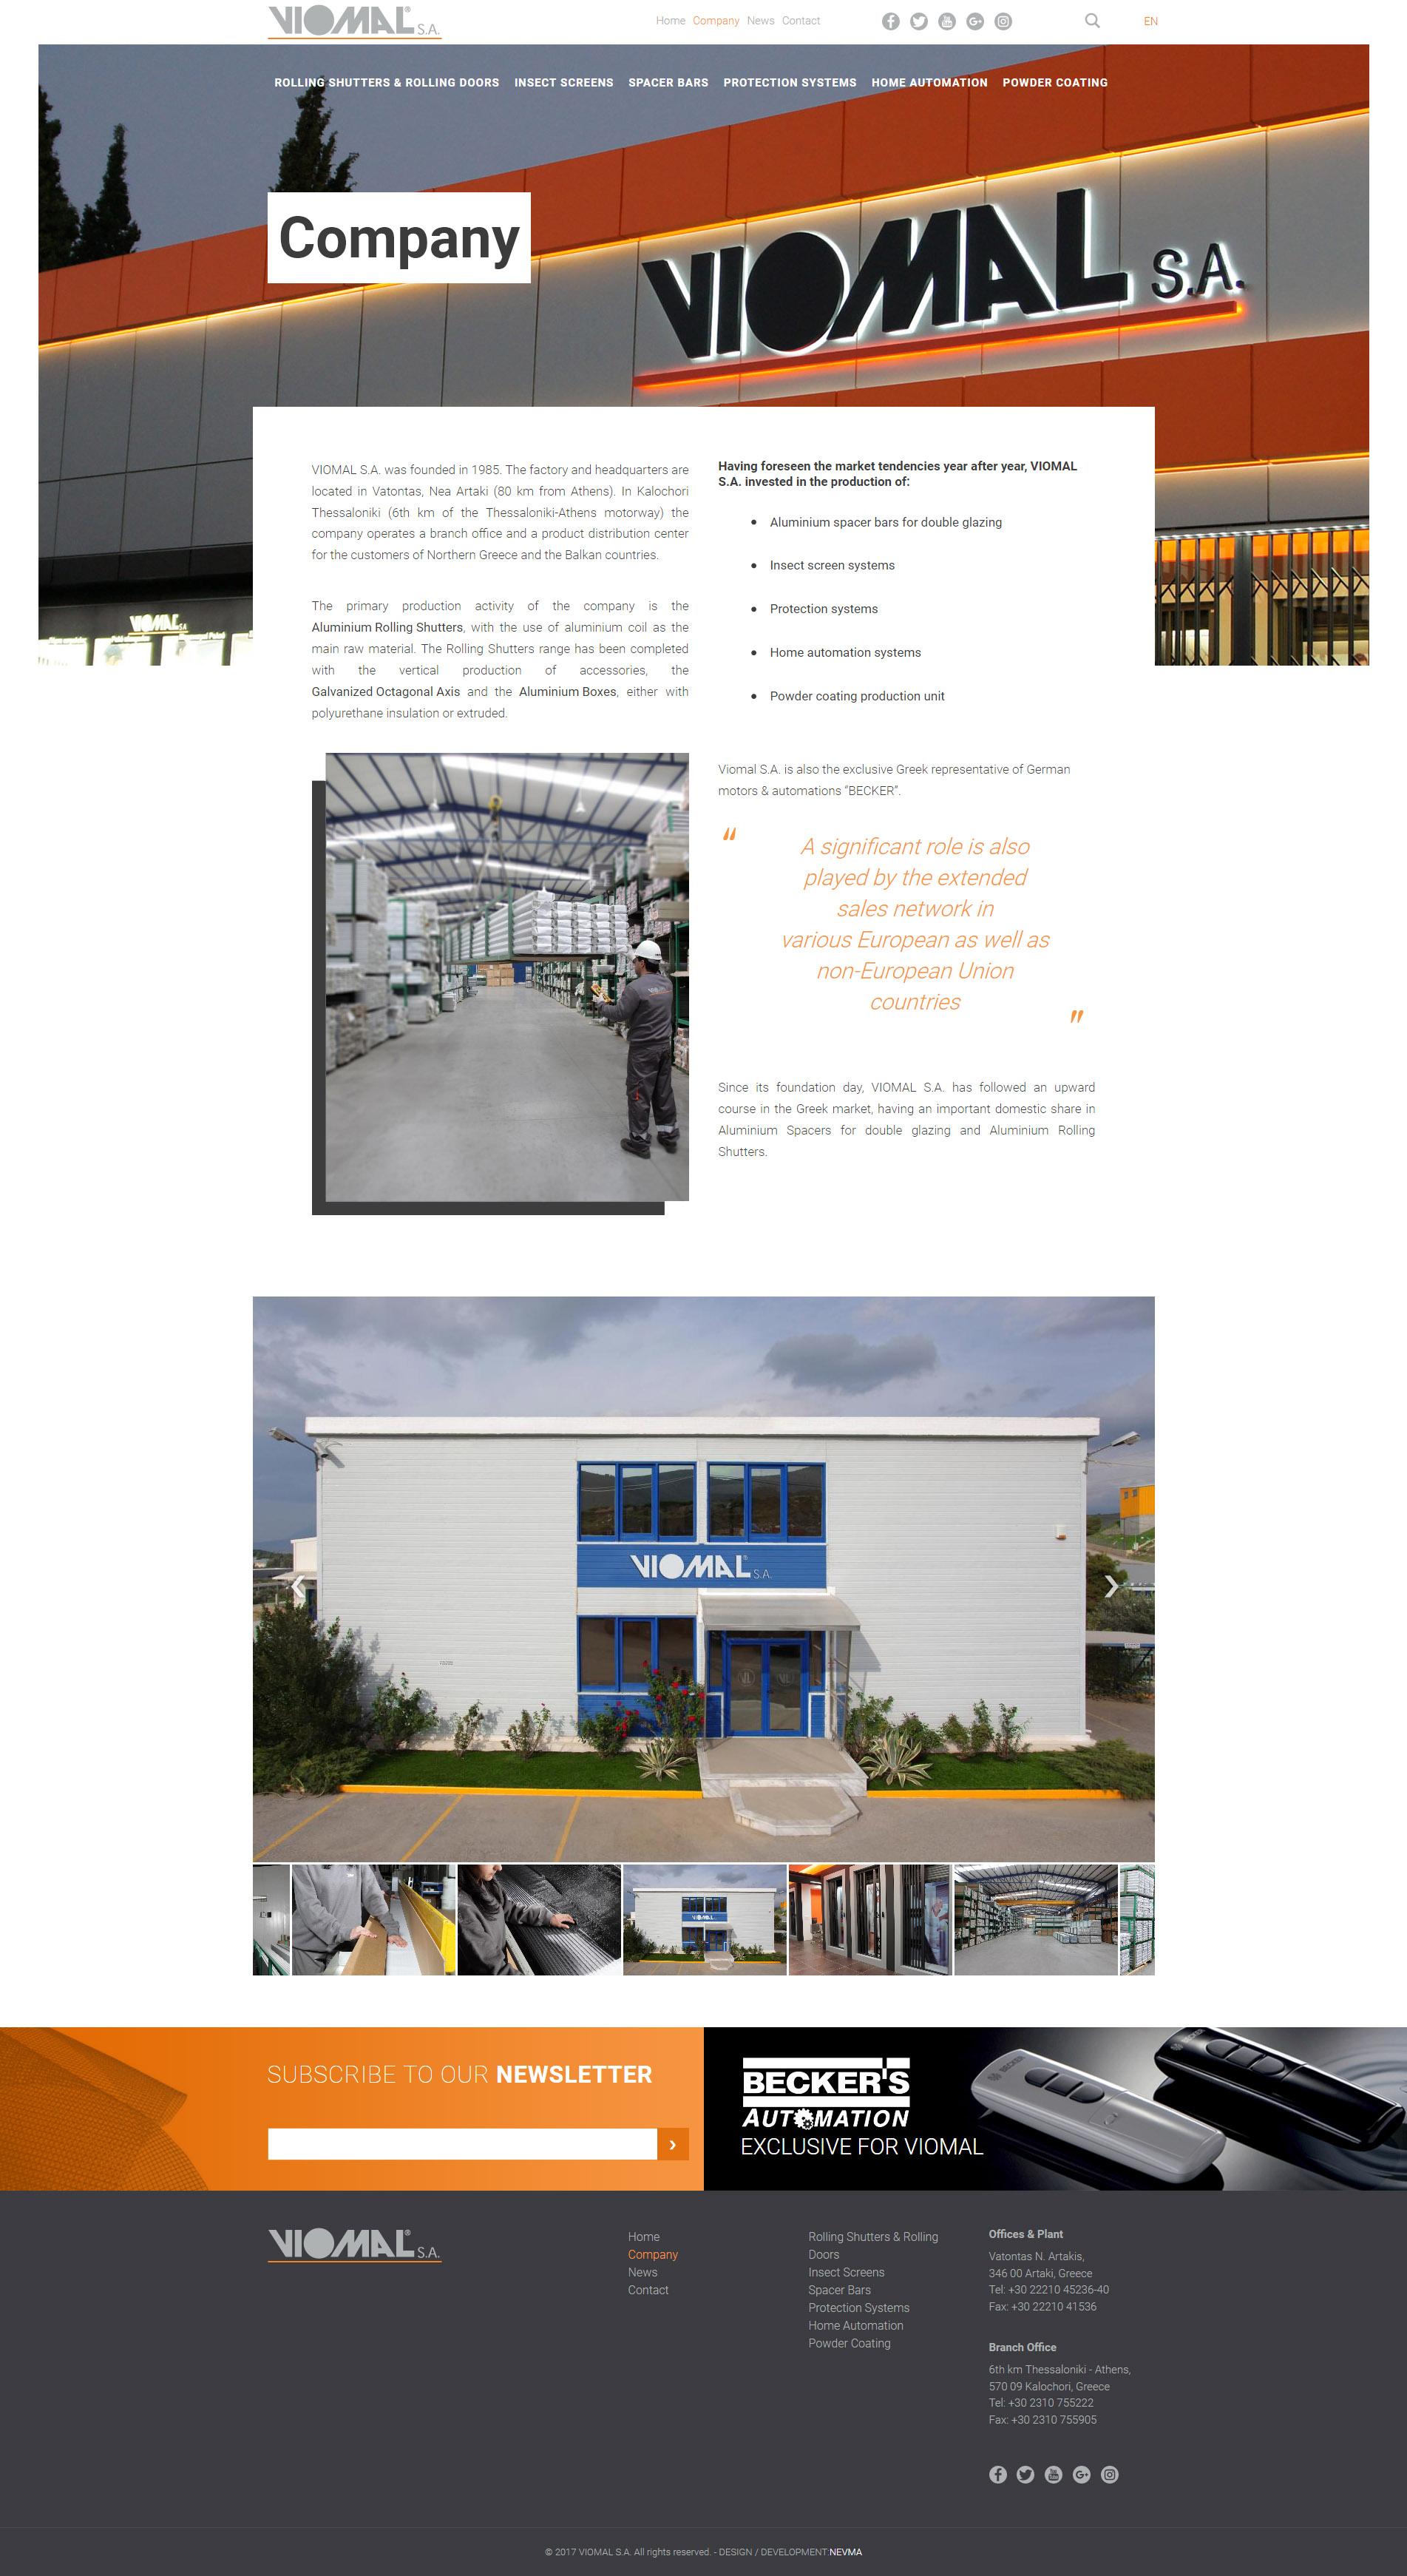 Σχεδιασμός και Κατασκευή Ιστοσελίδας – Viomal.gr - Nevma - Creative ... dd38fbfaf10